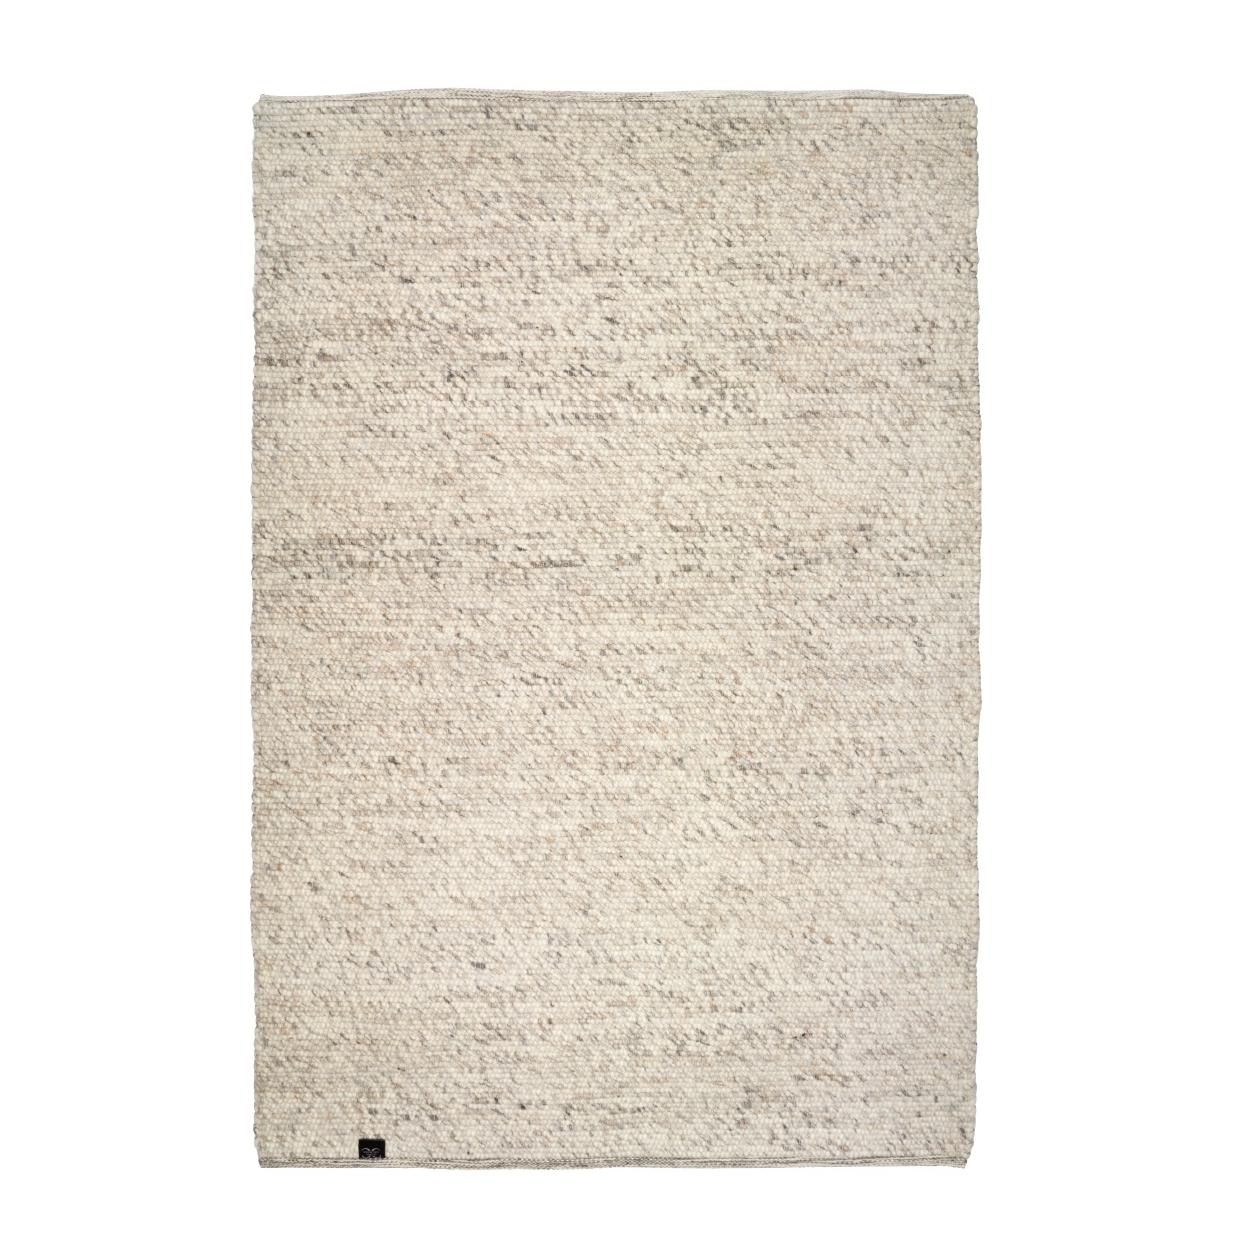 Ullmatta Merino beige 140 x 200 Classic Collection